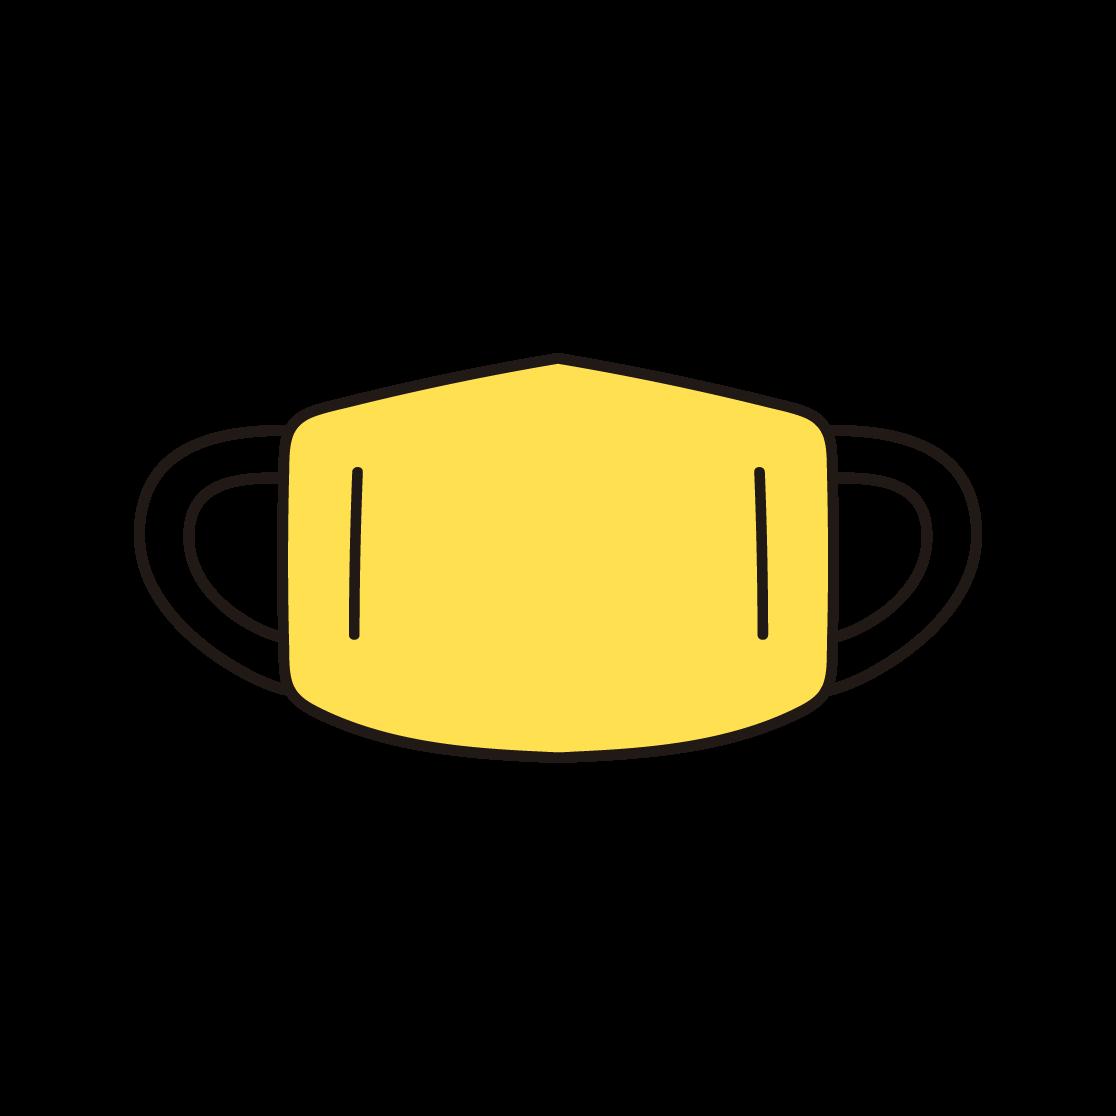 マスクの単色イラスト